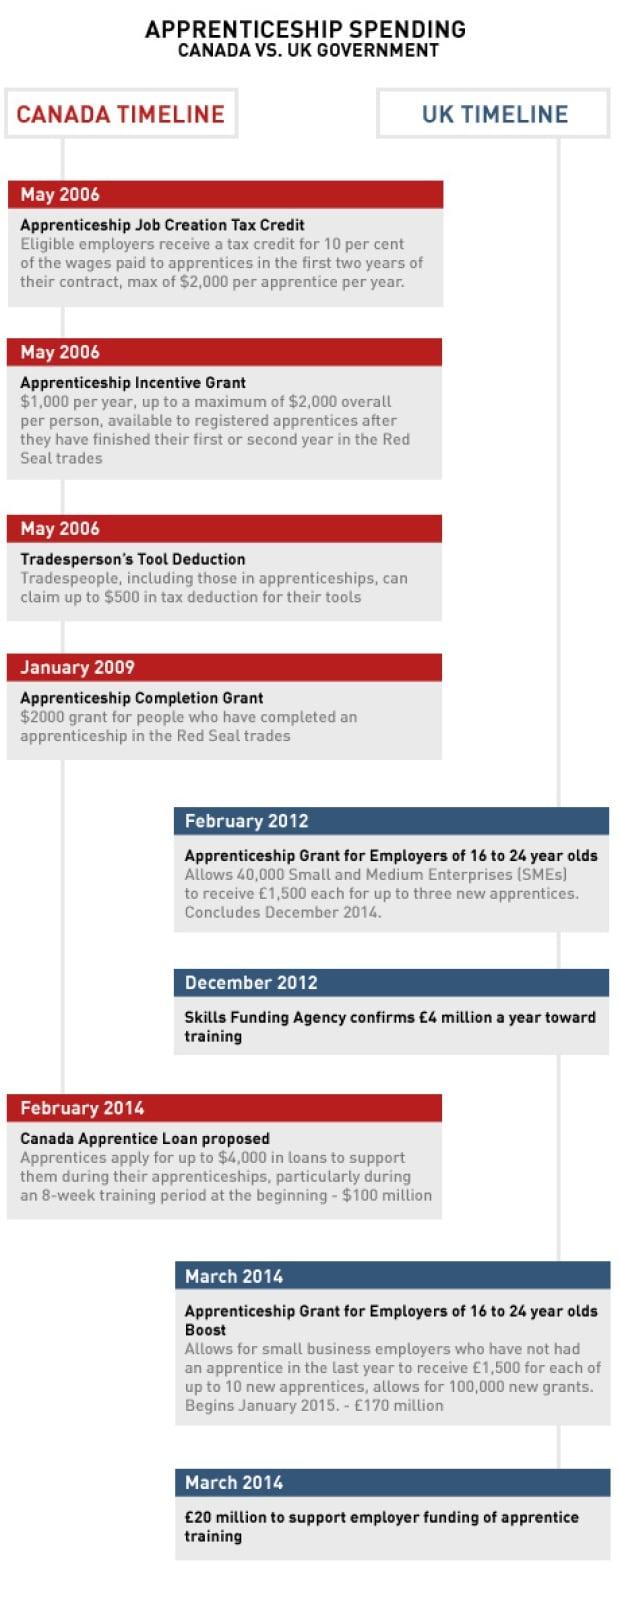 Apprenticeship spending graphic